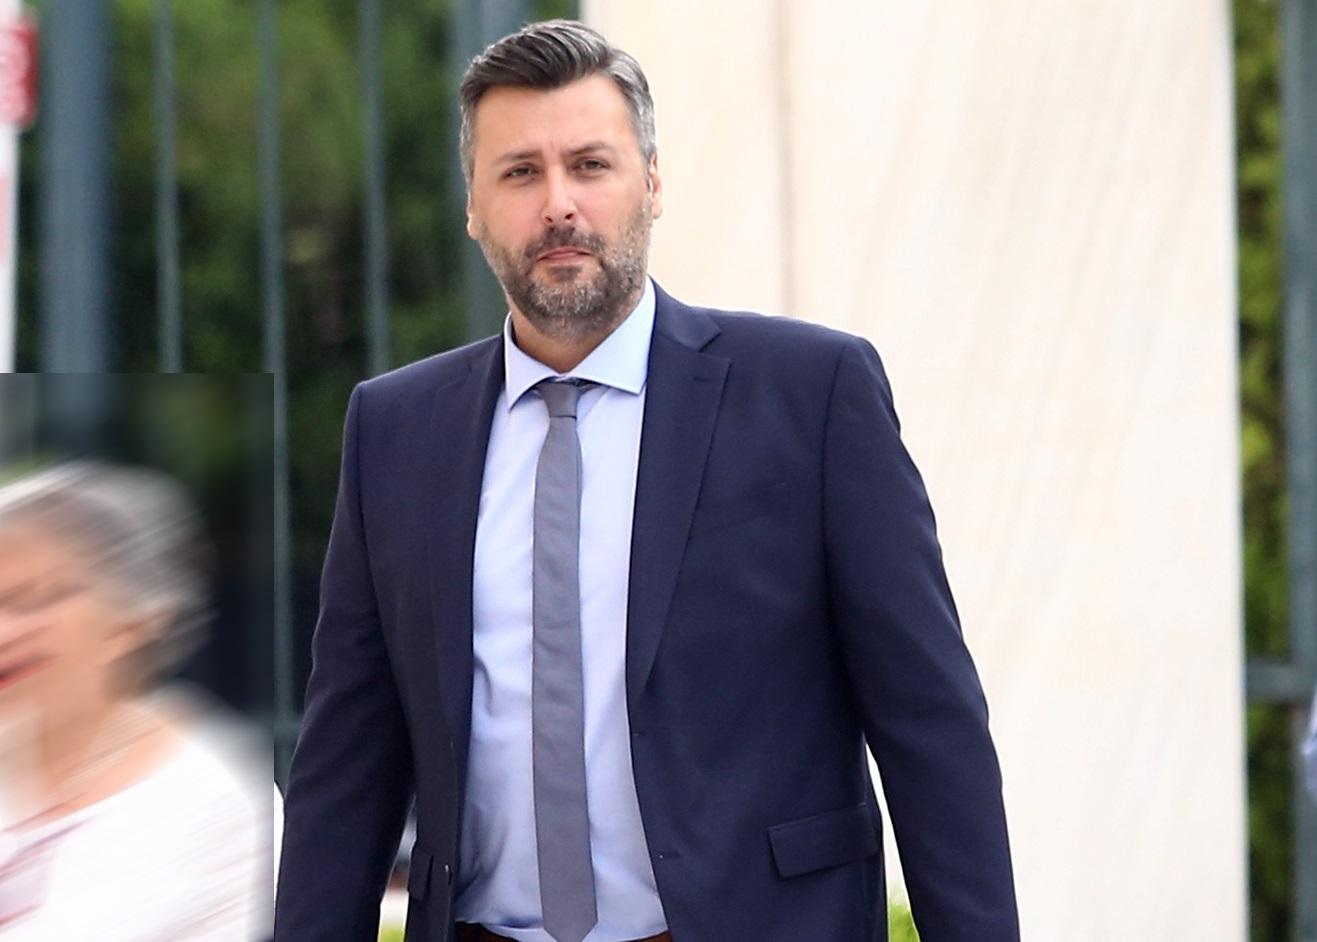 Αποπομπή του Γιάννη Καλλιάνου ζητάει ο ΣΥΡΙΖΑ με αφορμή ανάρτησή του για τον ποδοσφαιριστή Σεμέδο